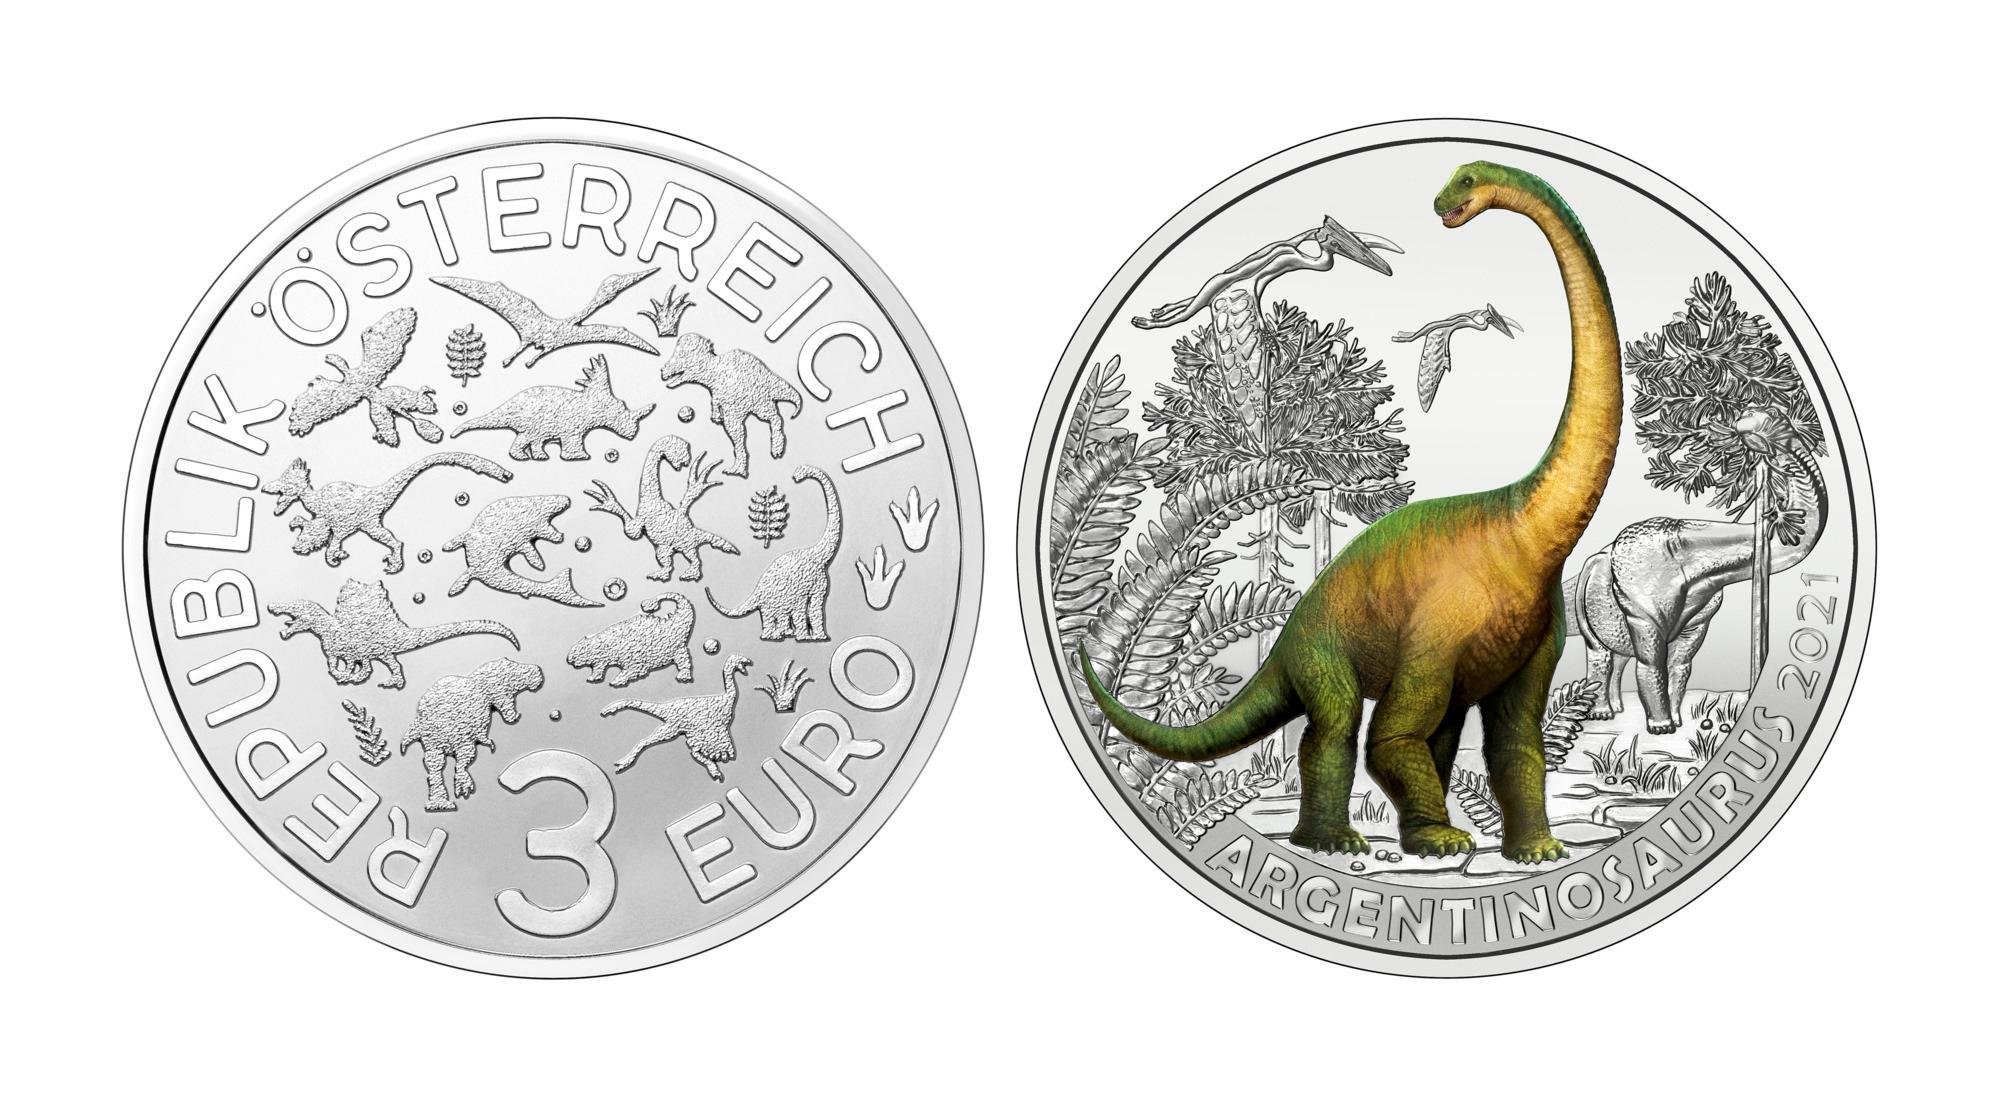 (EUR01.Unc.2021.25153) 3 euro Austria 2021 - Argentinosaurus Huinculensis (zoom)